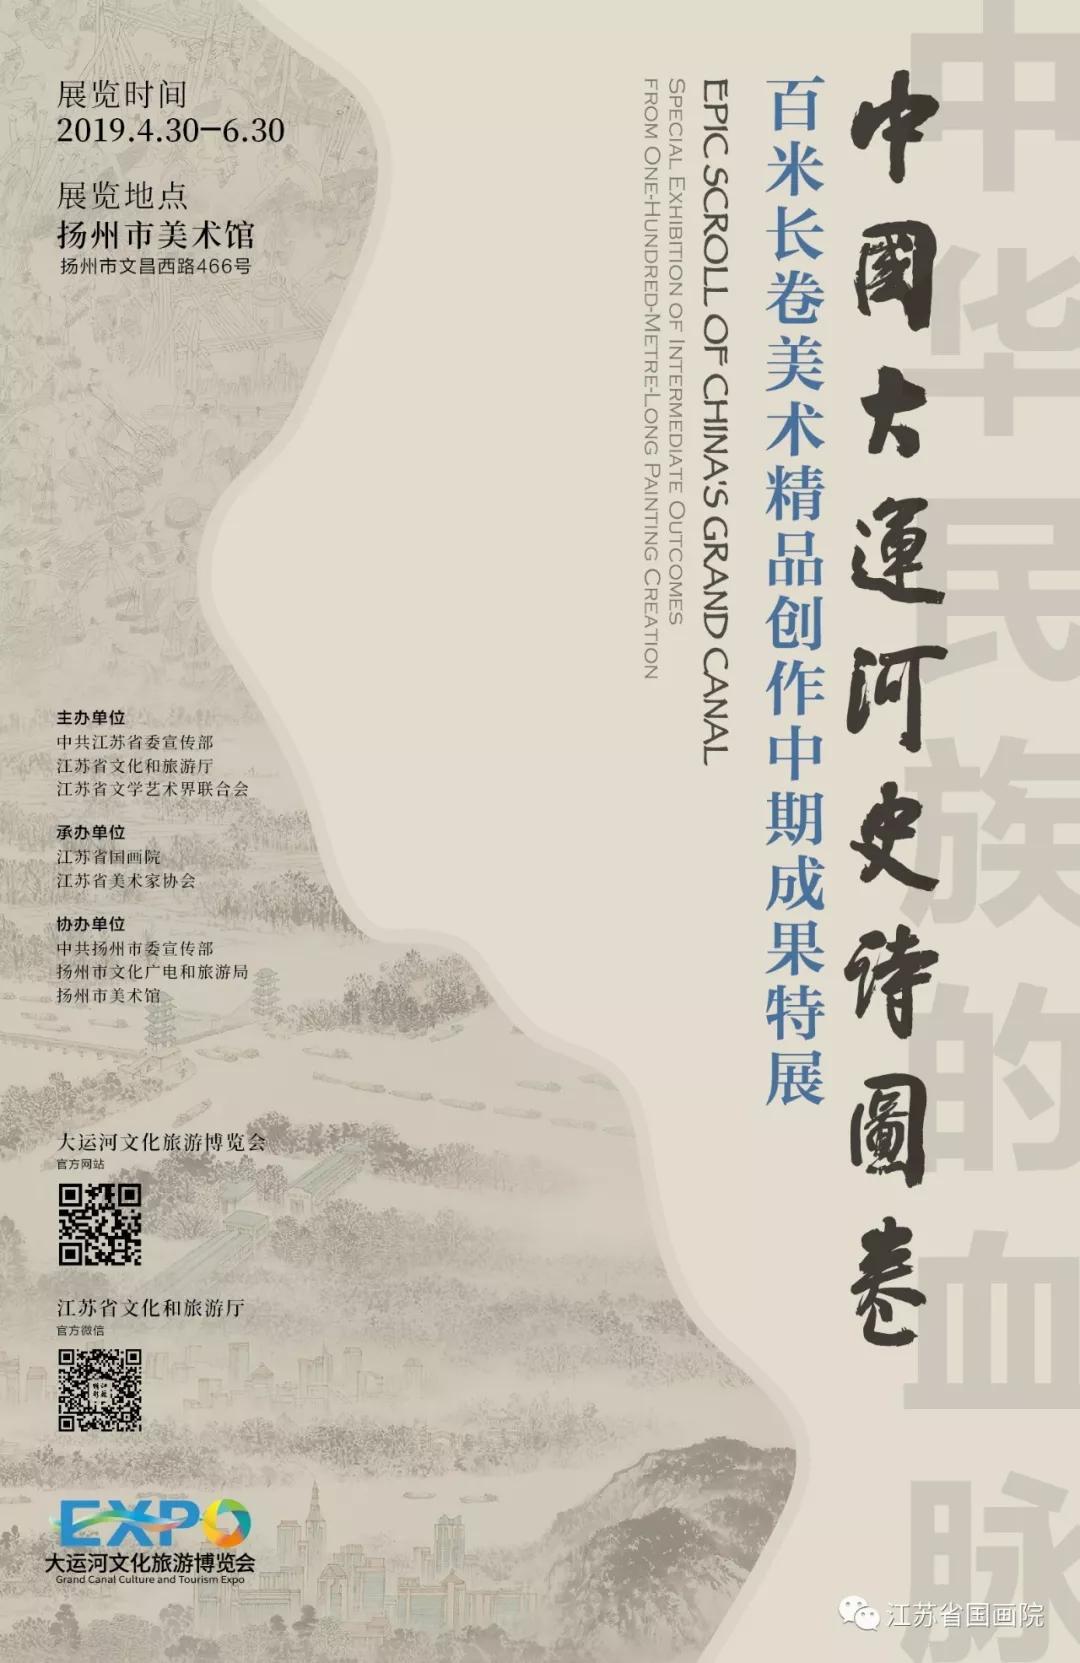 展览|《中国大运河史诗图卷》百米长卷美术精品创作中期成果特展